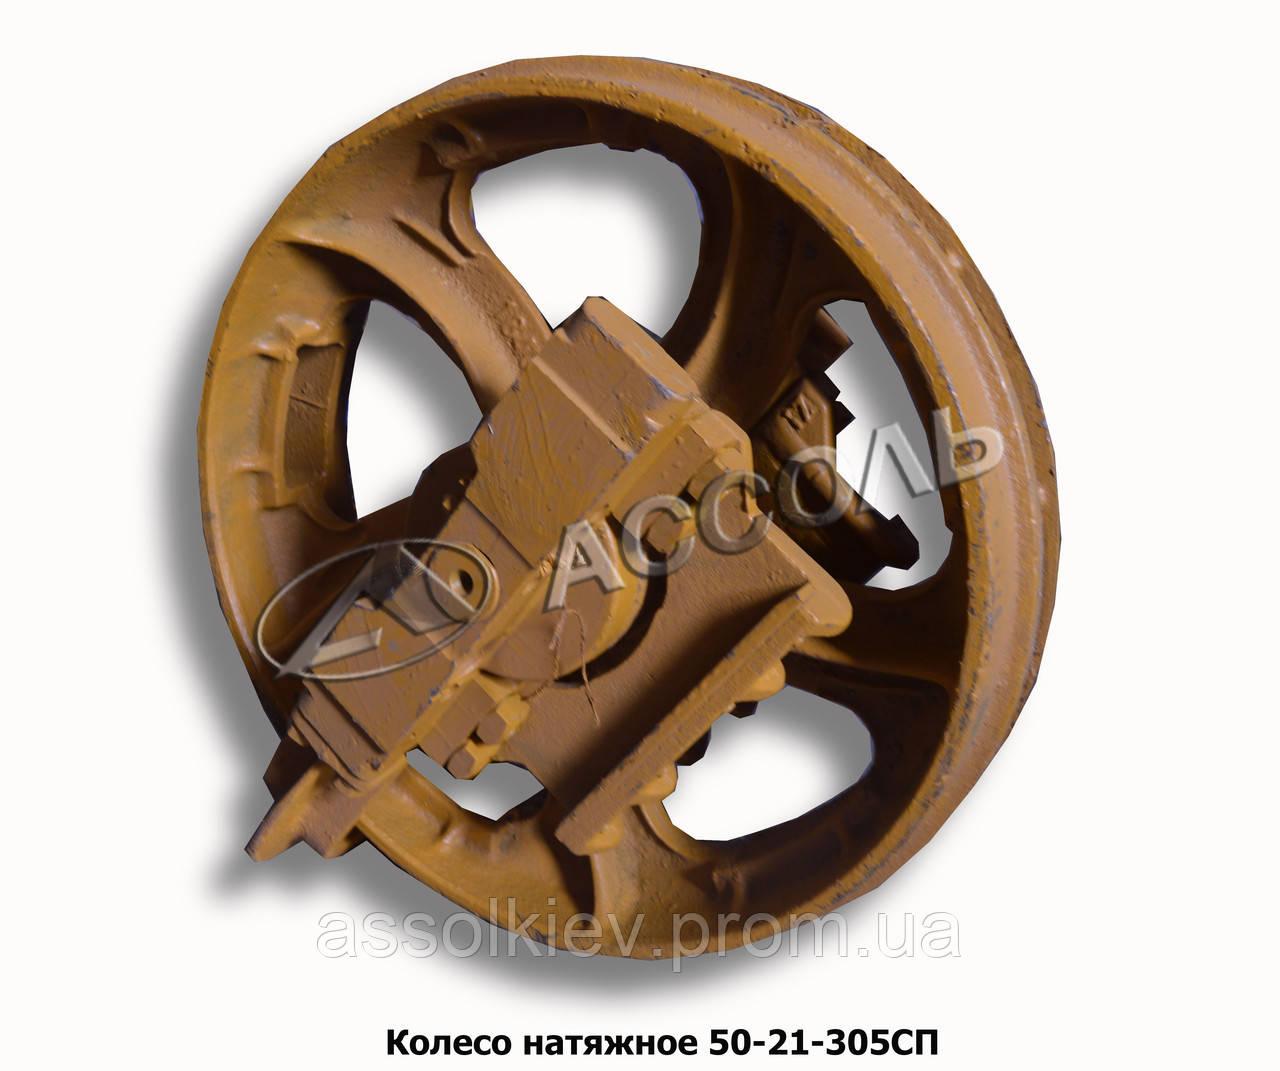 Колесо натяжное (правое) КАТ-21-306СП